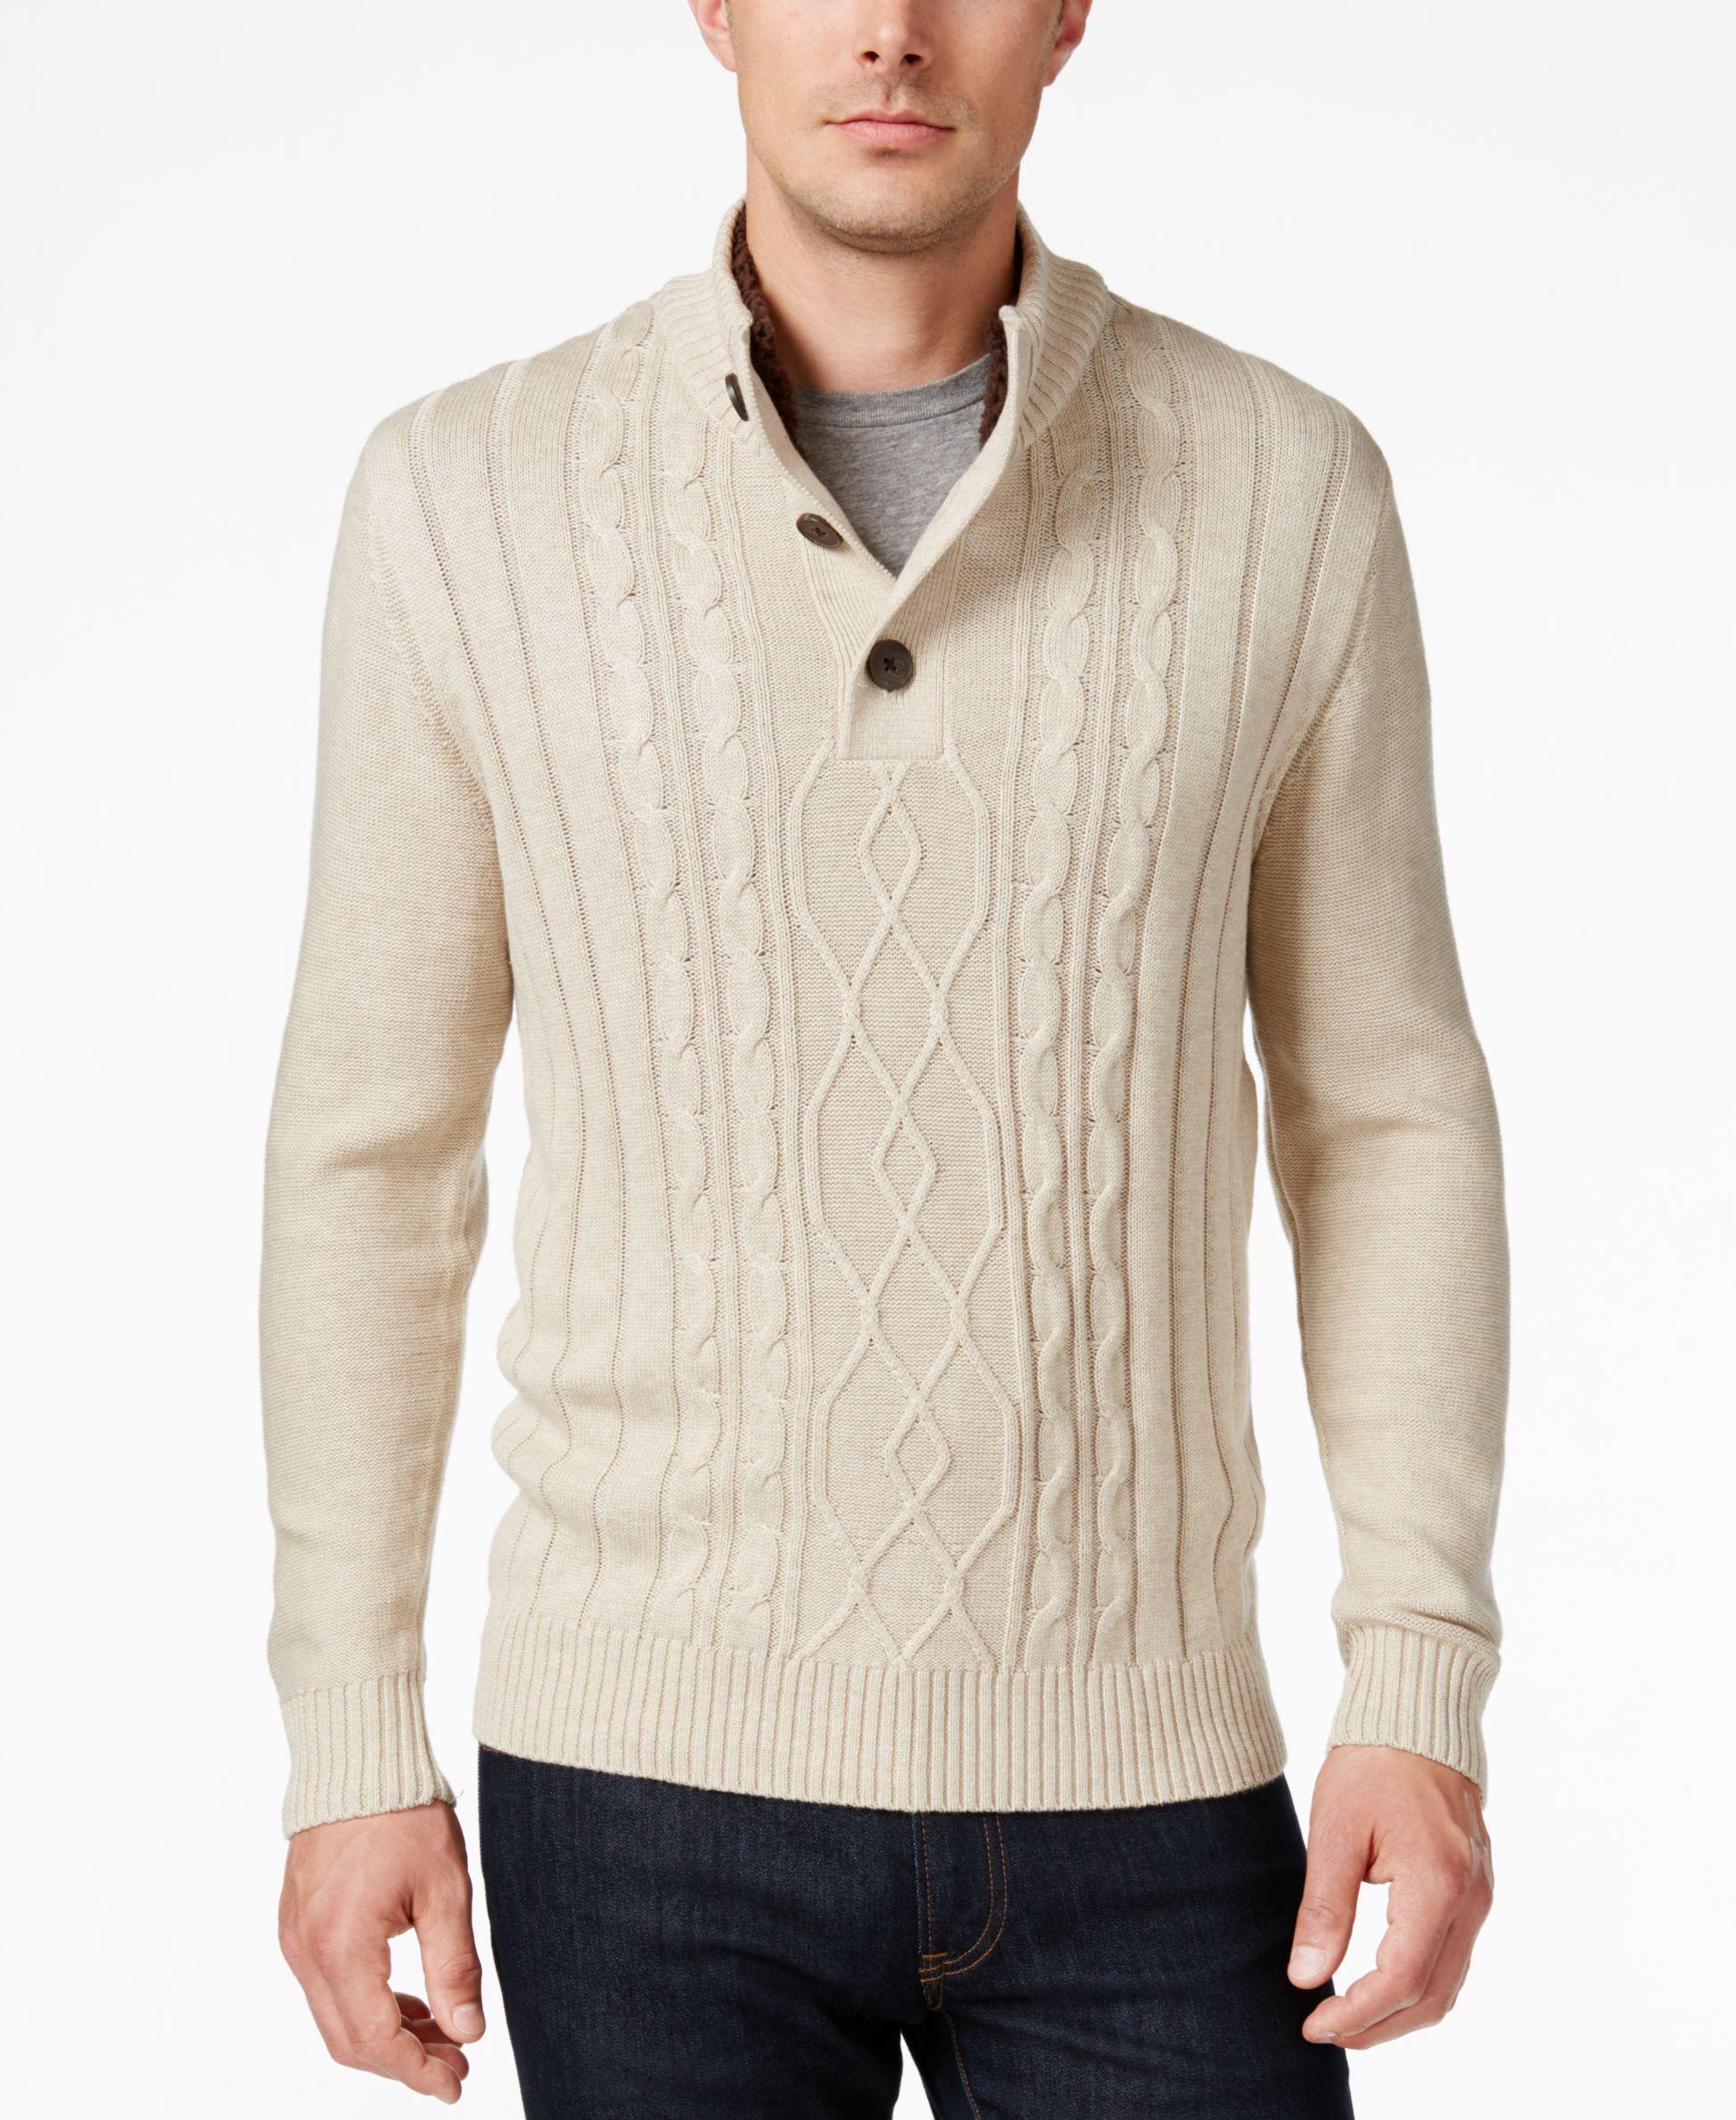 3d71a1985 Tricots St. Raphael Men s Faux Sherpa Trim Cable-Knit Mock Neck Sweater